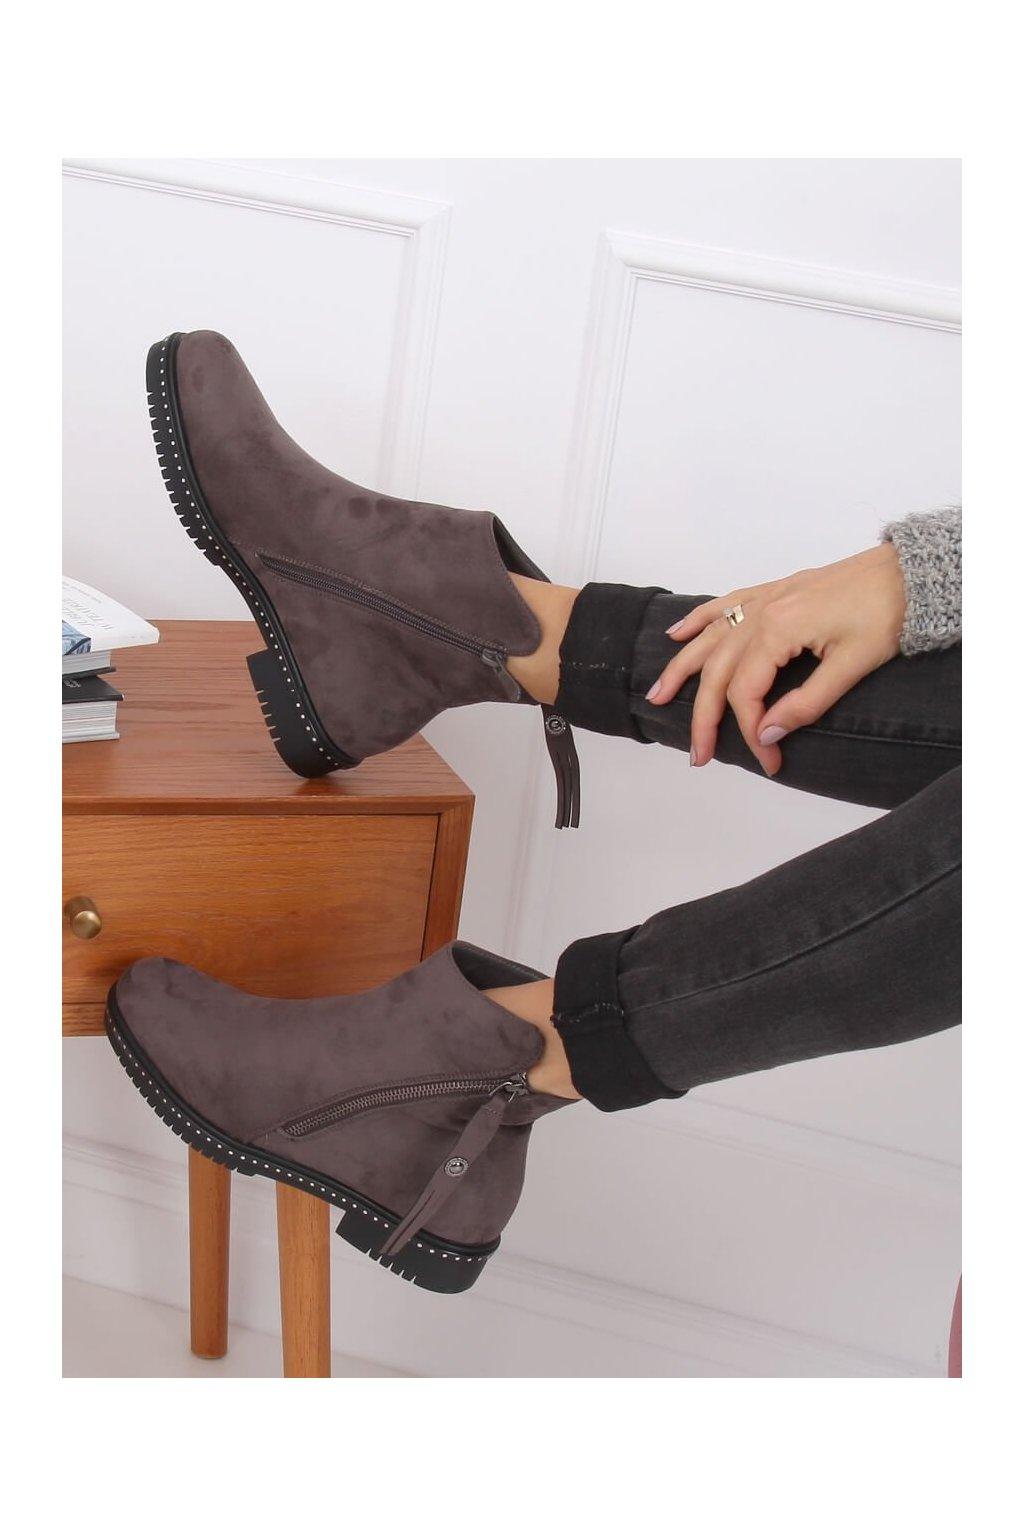 Dámske členkové topánky sivé na plochom podpätku 6332